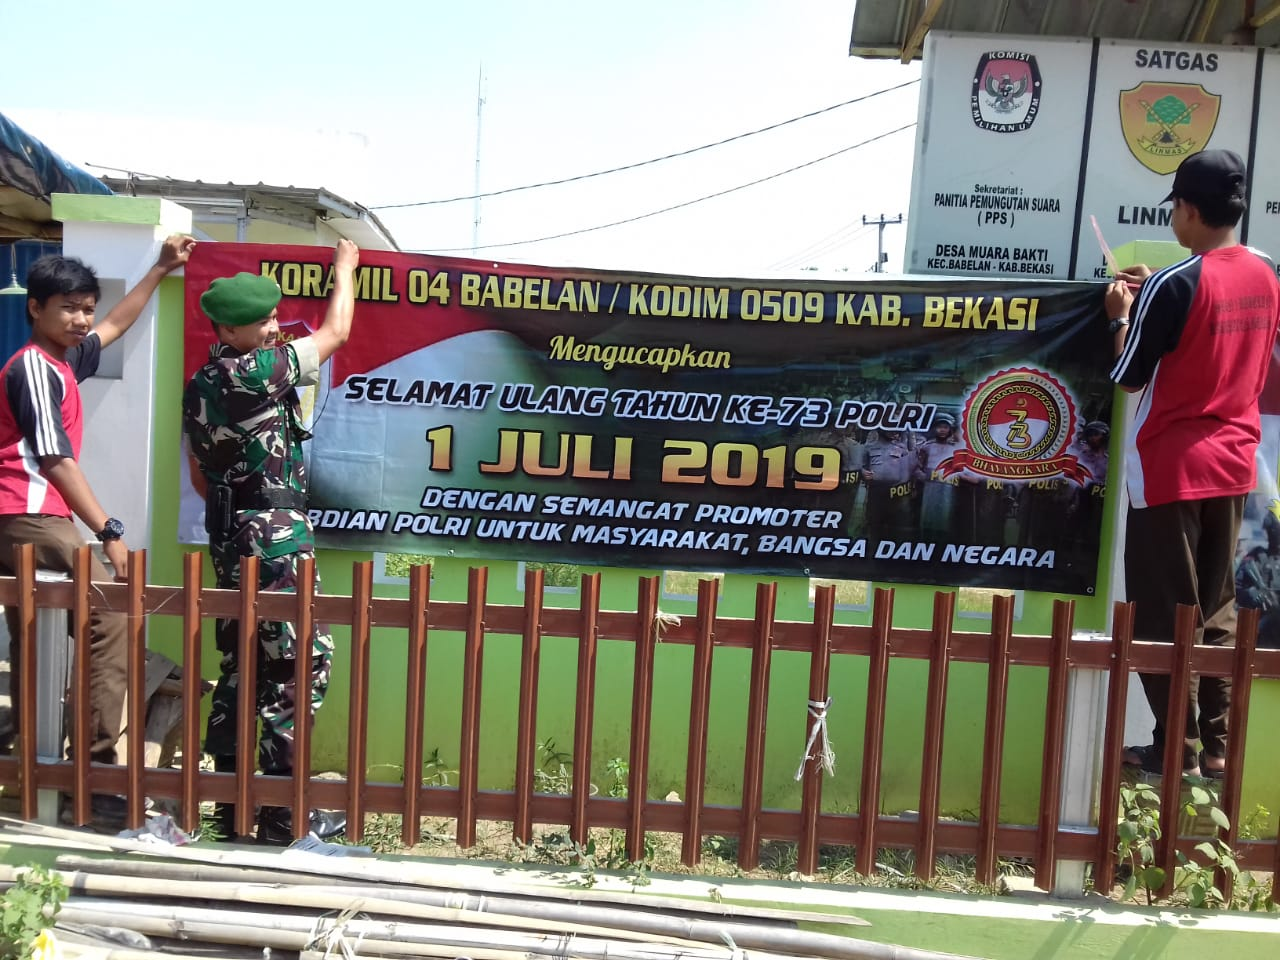 Banner Ucapan Selamat Ulang Tahun - contoh desain spanduk